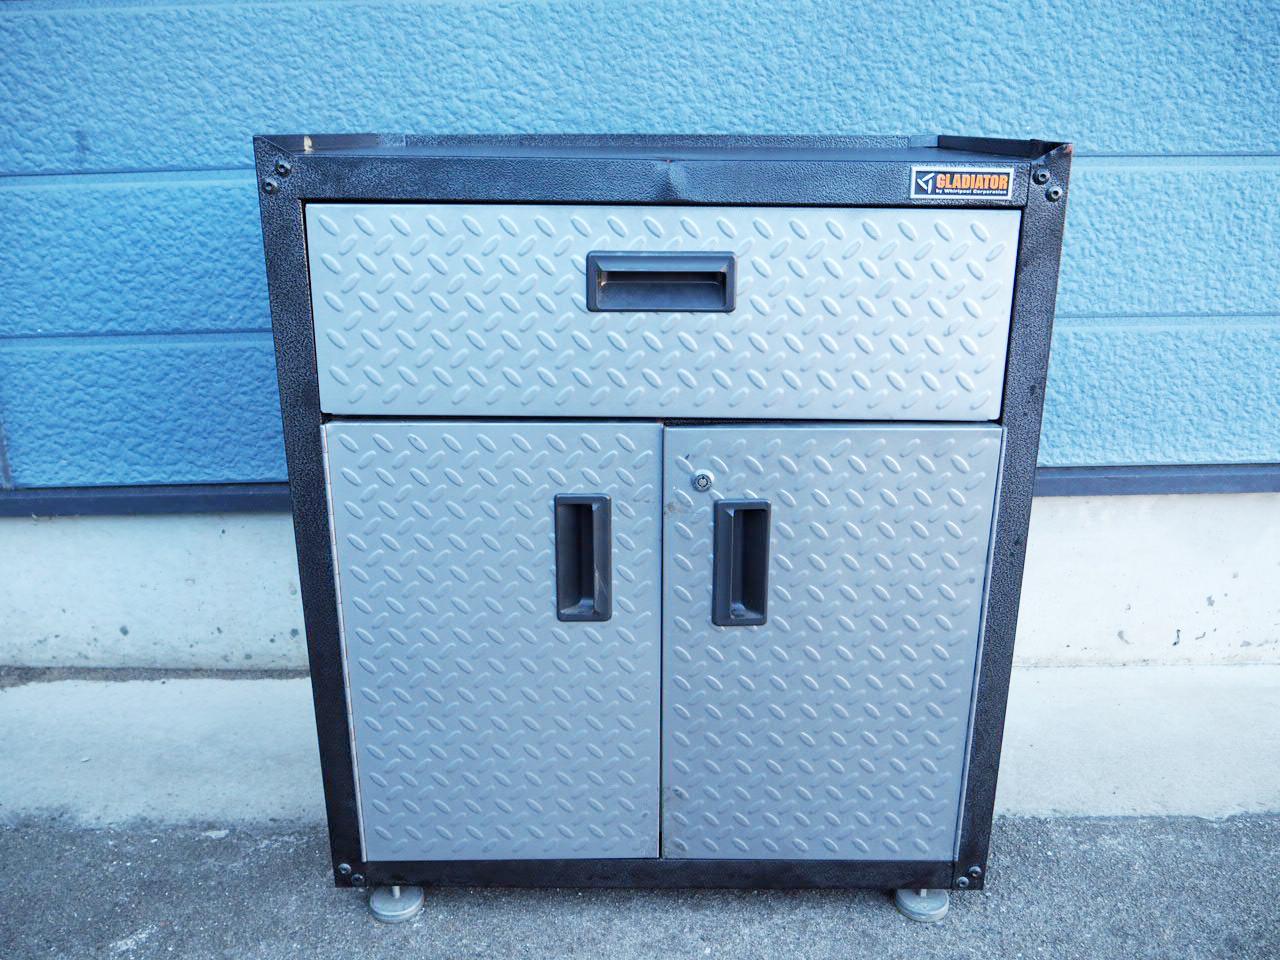 品番0662 GLADIATOR グラディエーター ツールボックス モジュラーギアボックス キャビネット  工具棚 アメリカン 雑貨